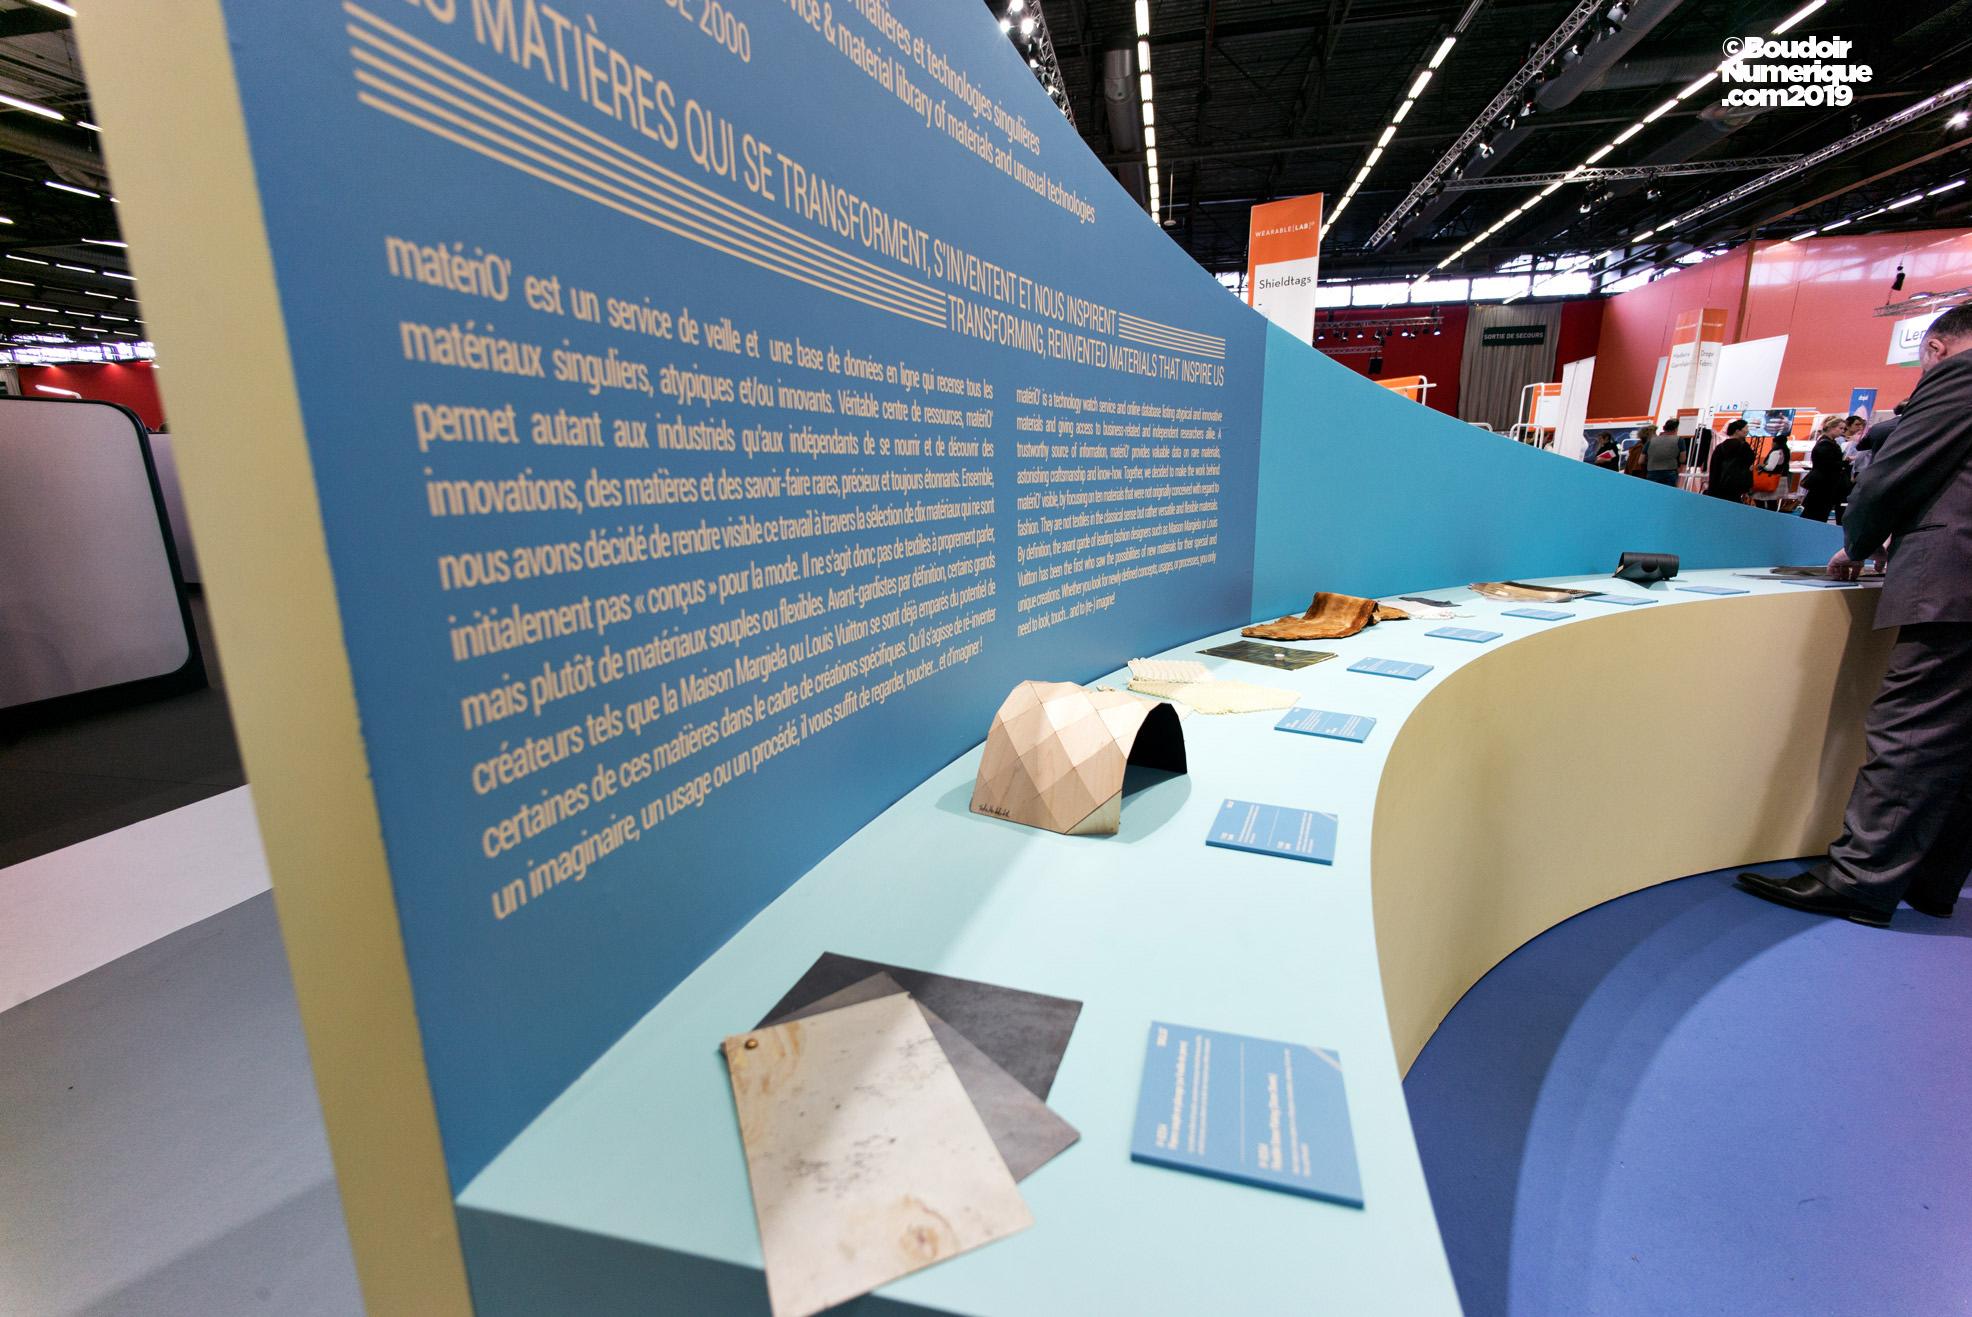 L'exposition Skills² proposait également une matériauthèque dévoilant une sélection de matériaux prospectifs.